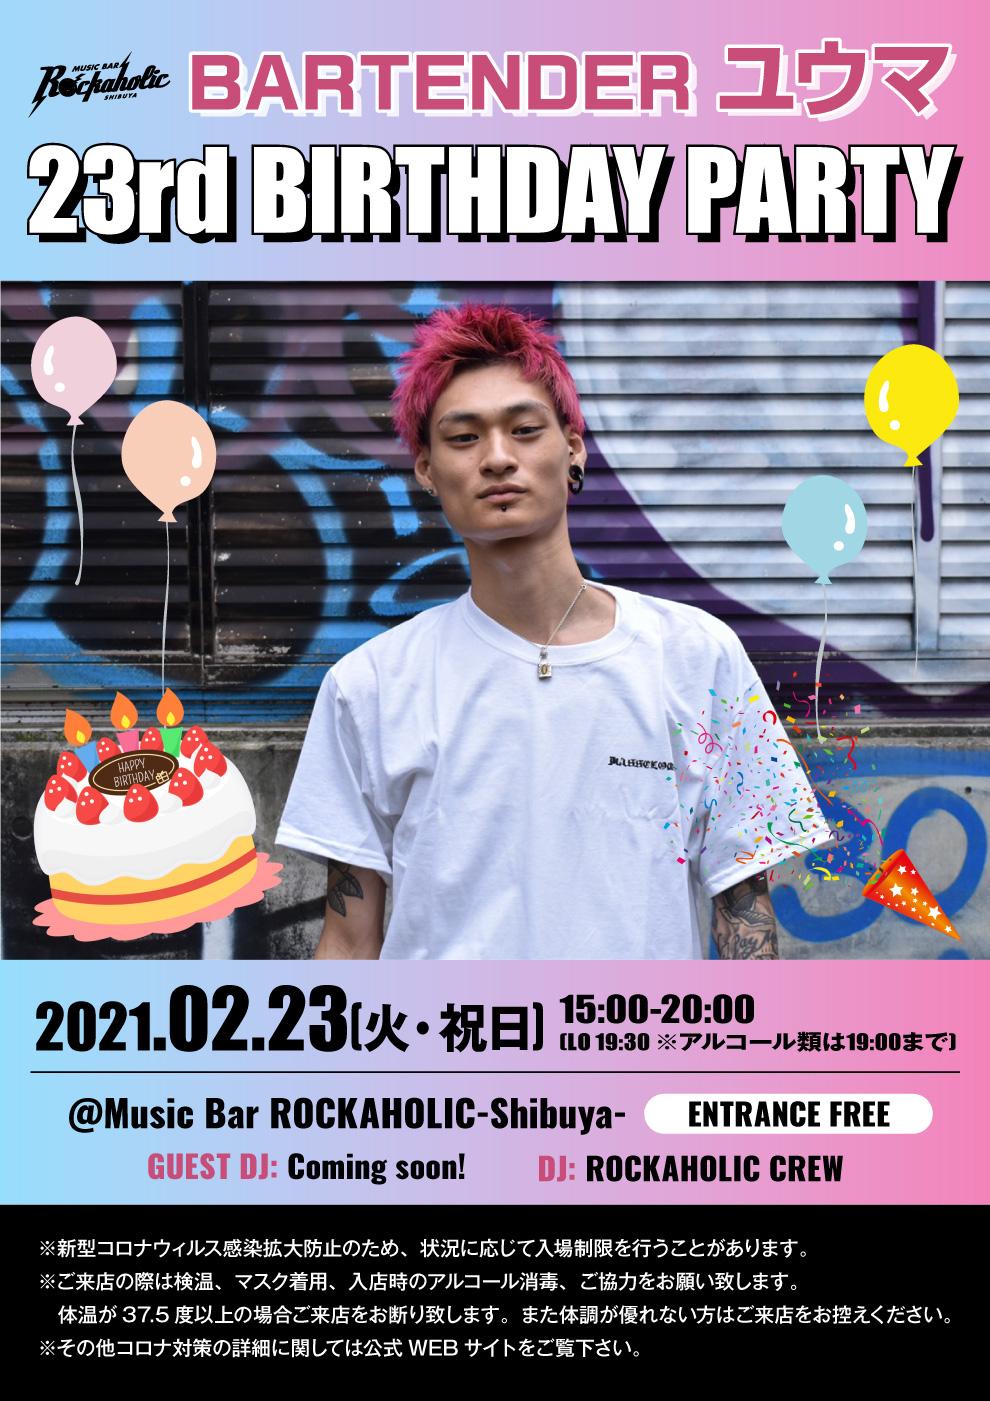 https://bar-rockaholic.jp/shibuya/blog/IMG_4561.JPG